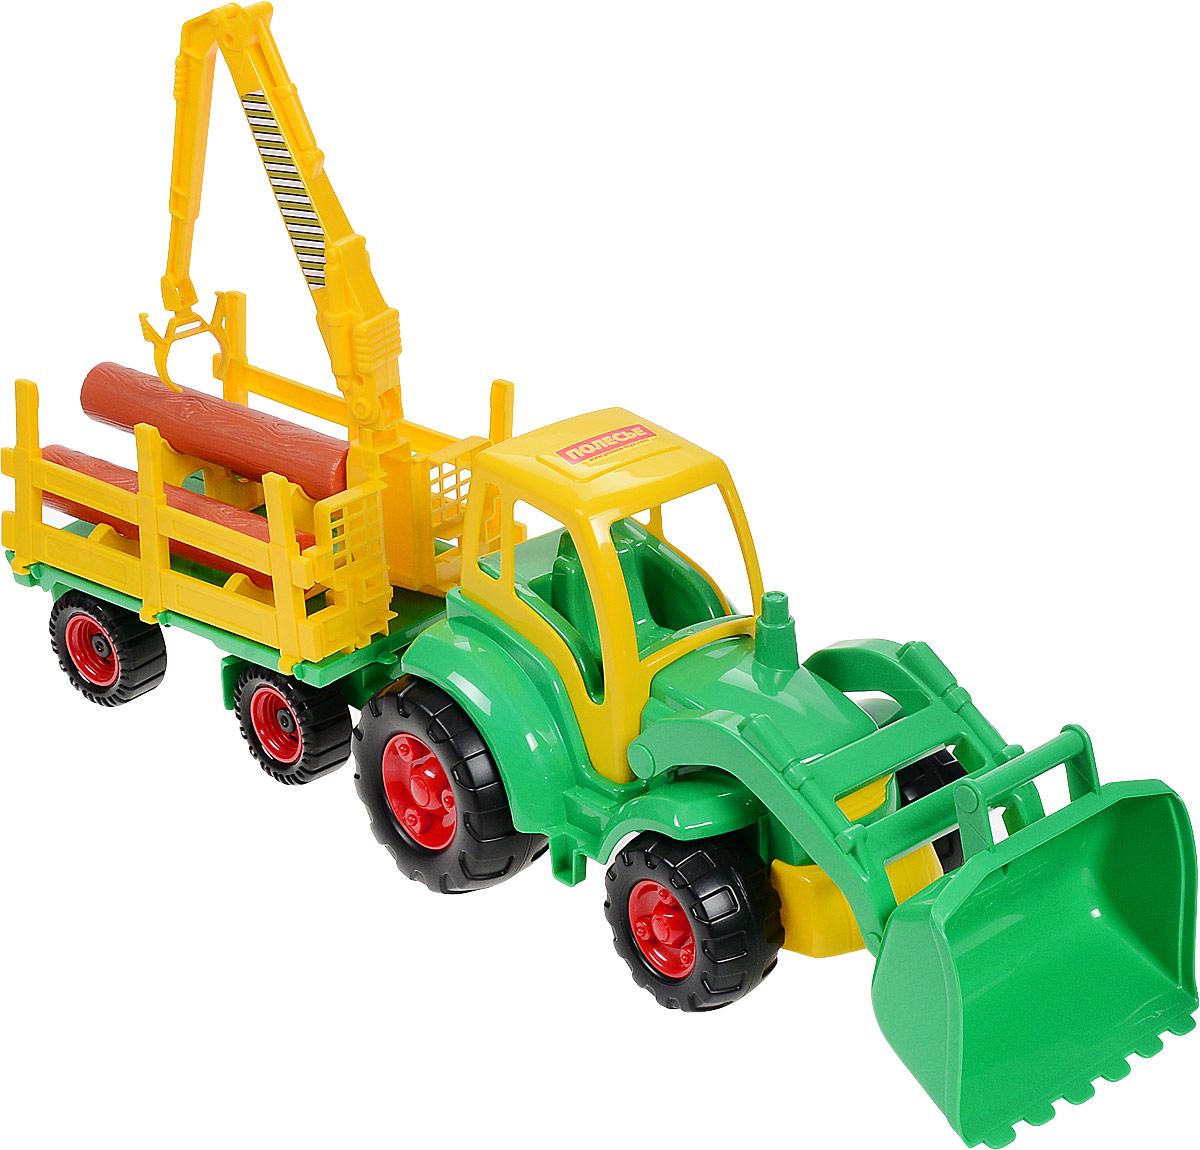 Полесье Трактор Чемпион  ковшом  прицепом-лесовозом цвет желтый зеленый